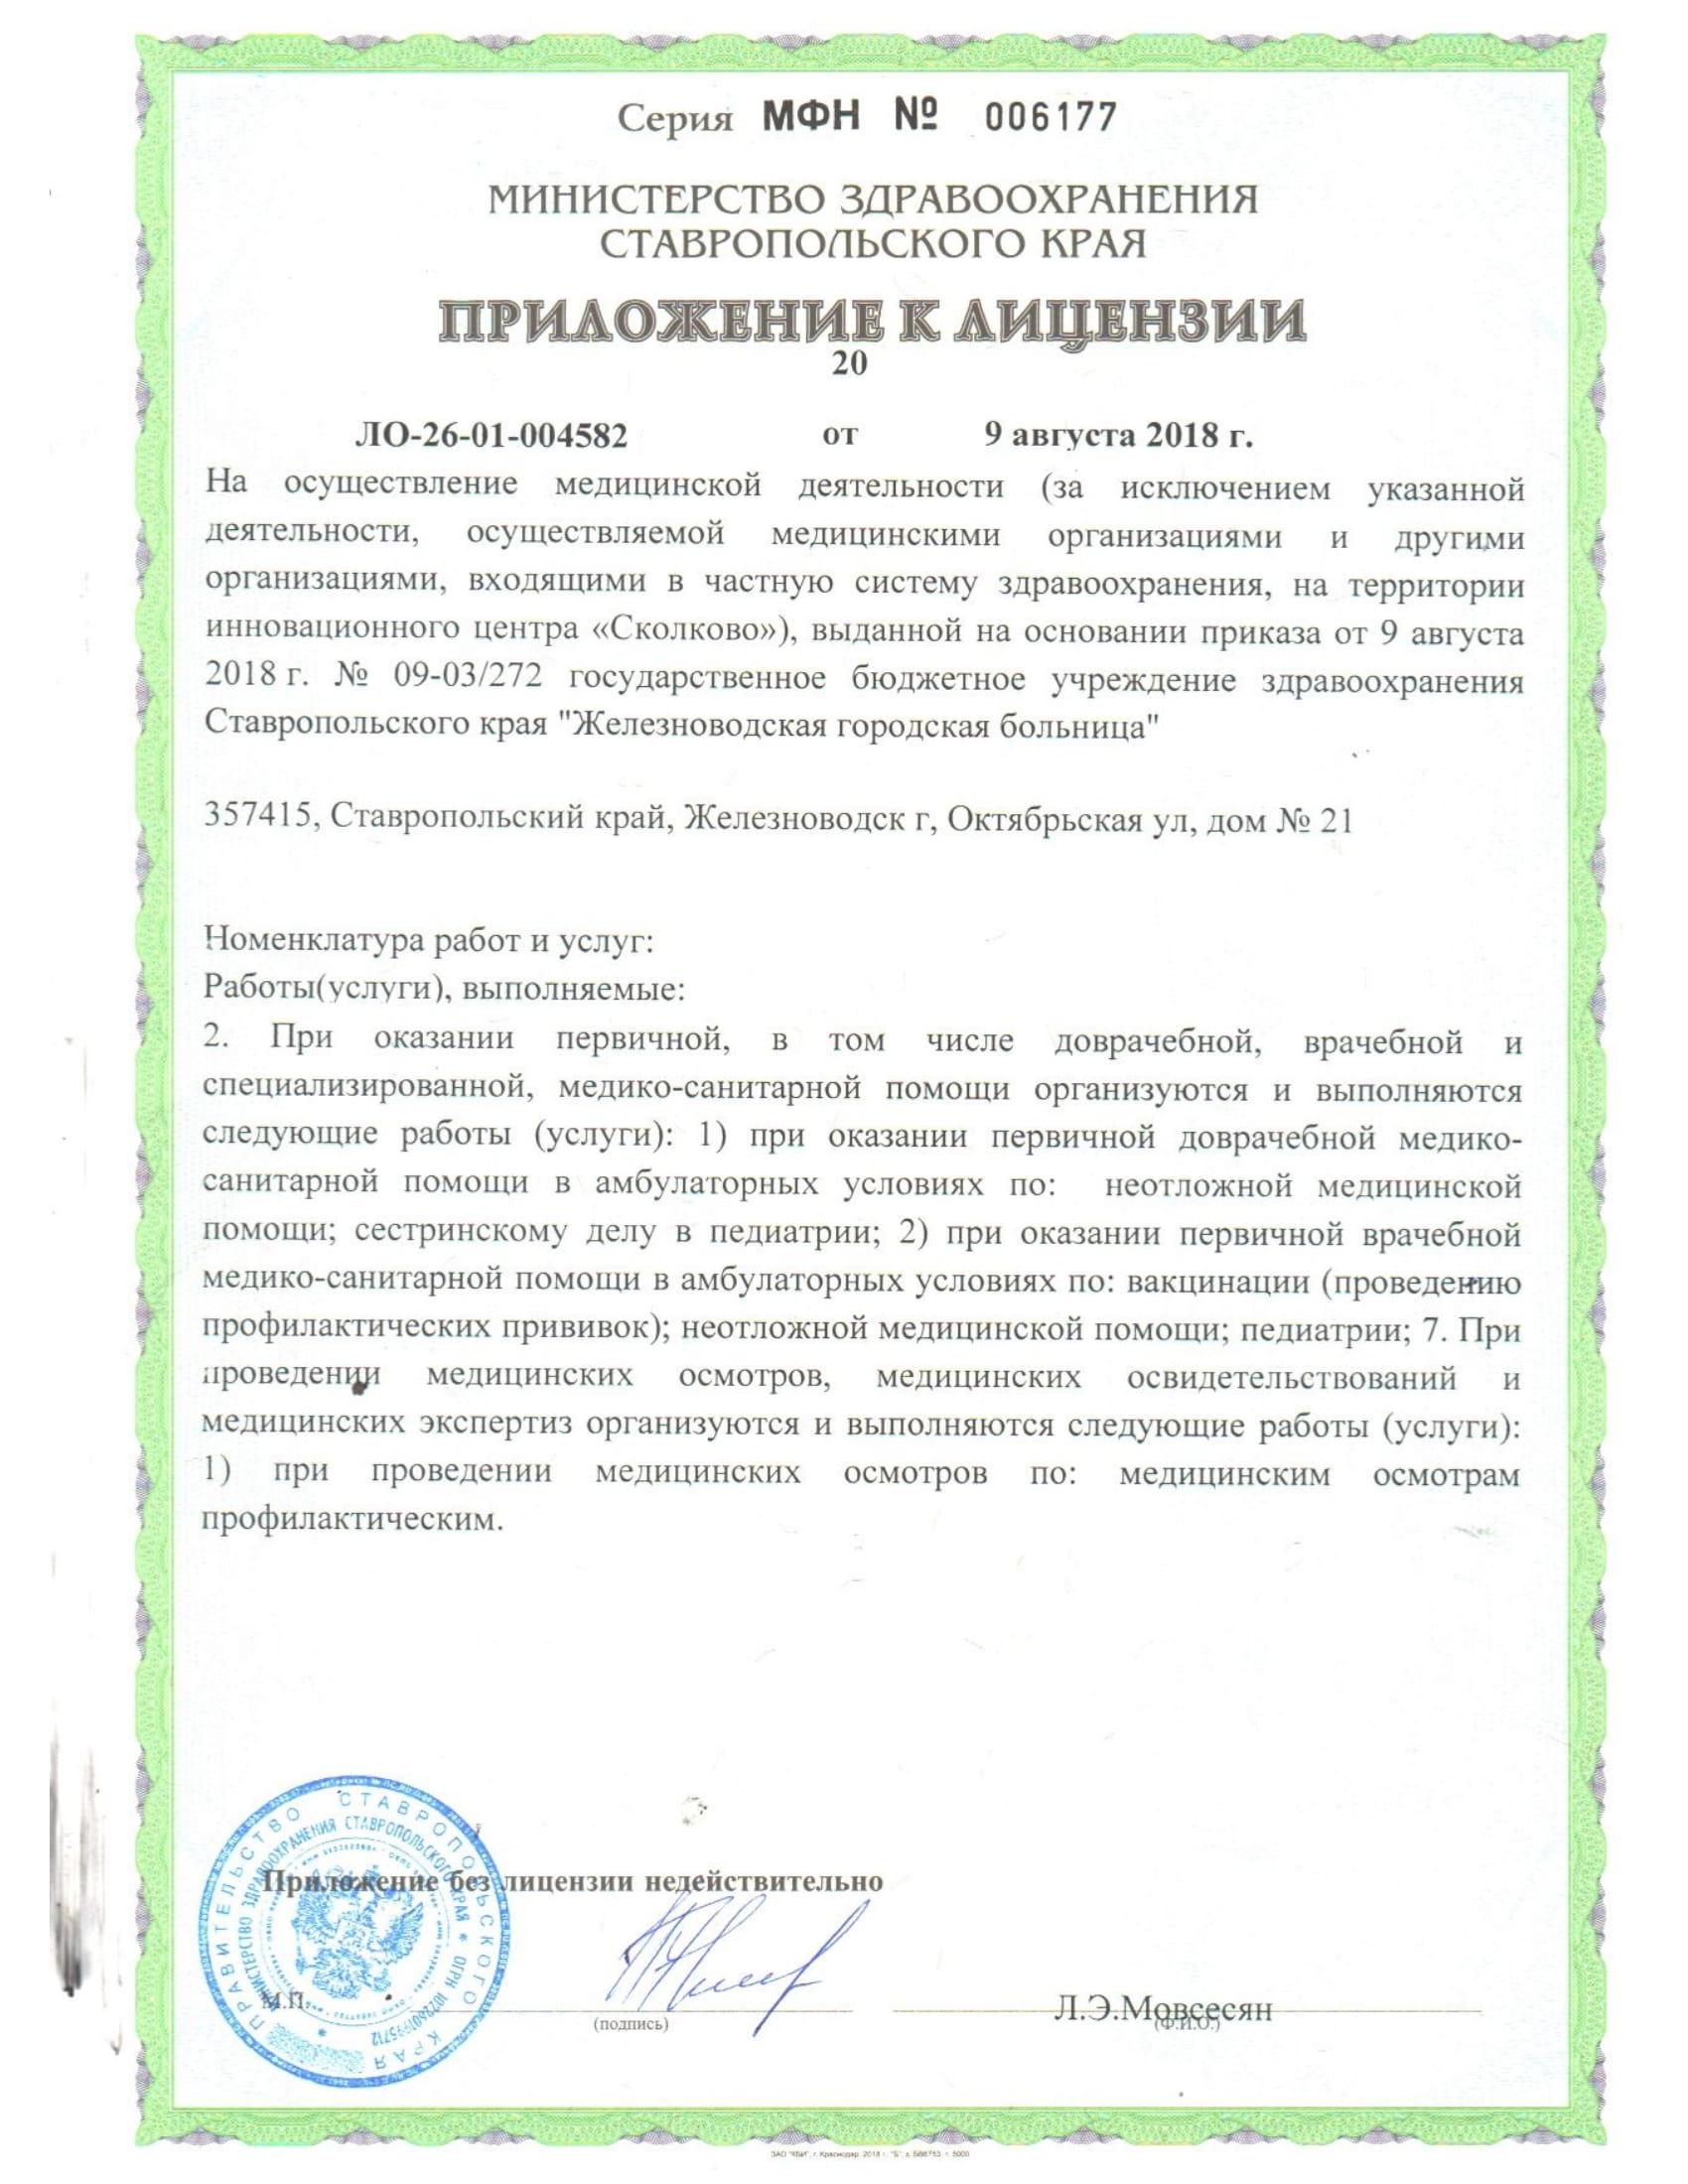 лицензия 2018 от 09.08.2018-27